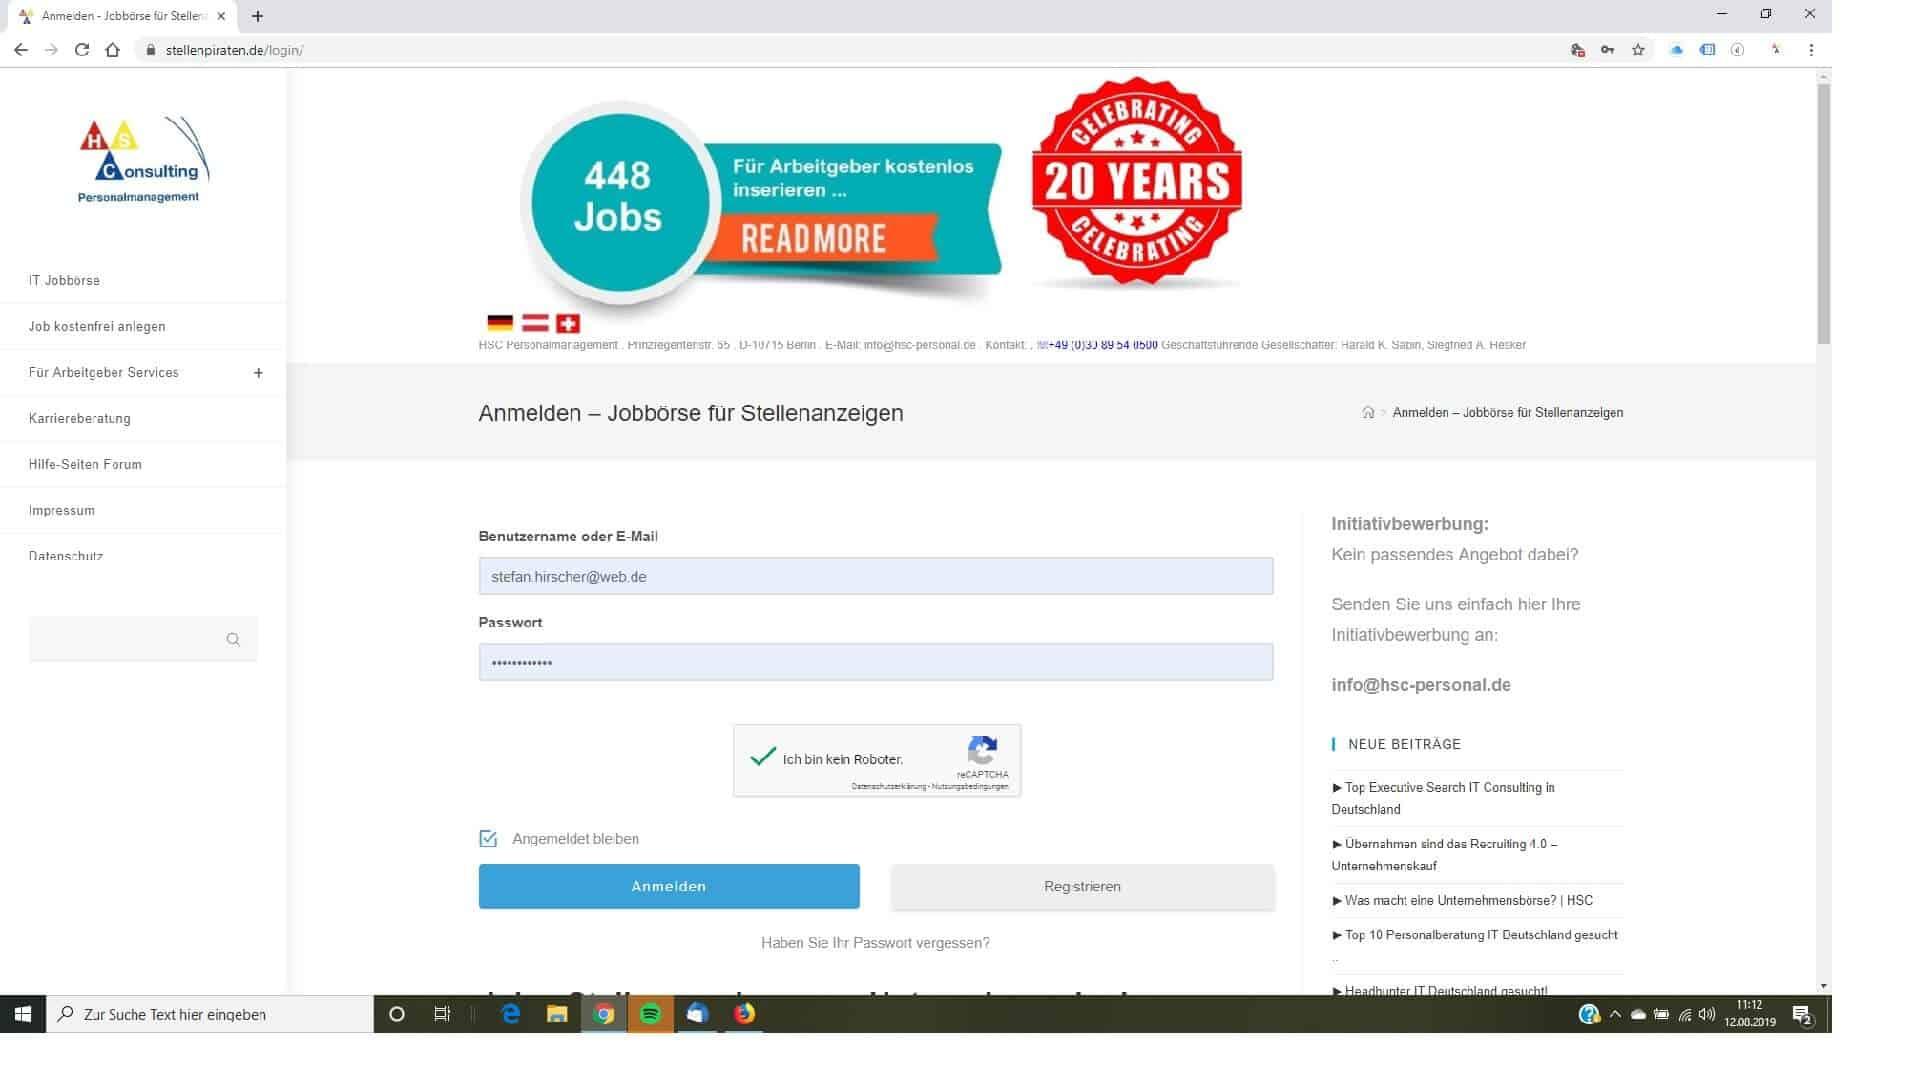 Jobbörse- hier können Sie Ihren Account als User verwalten